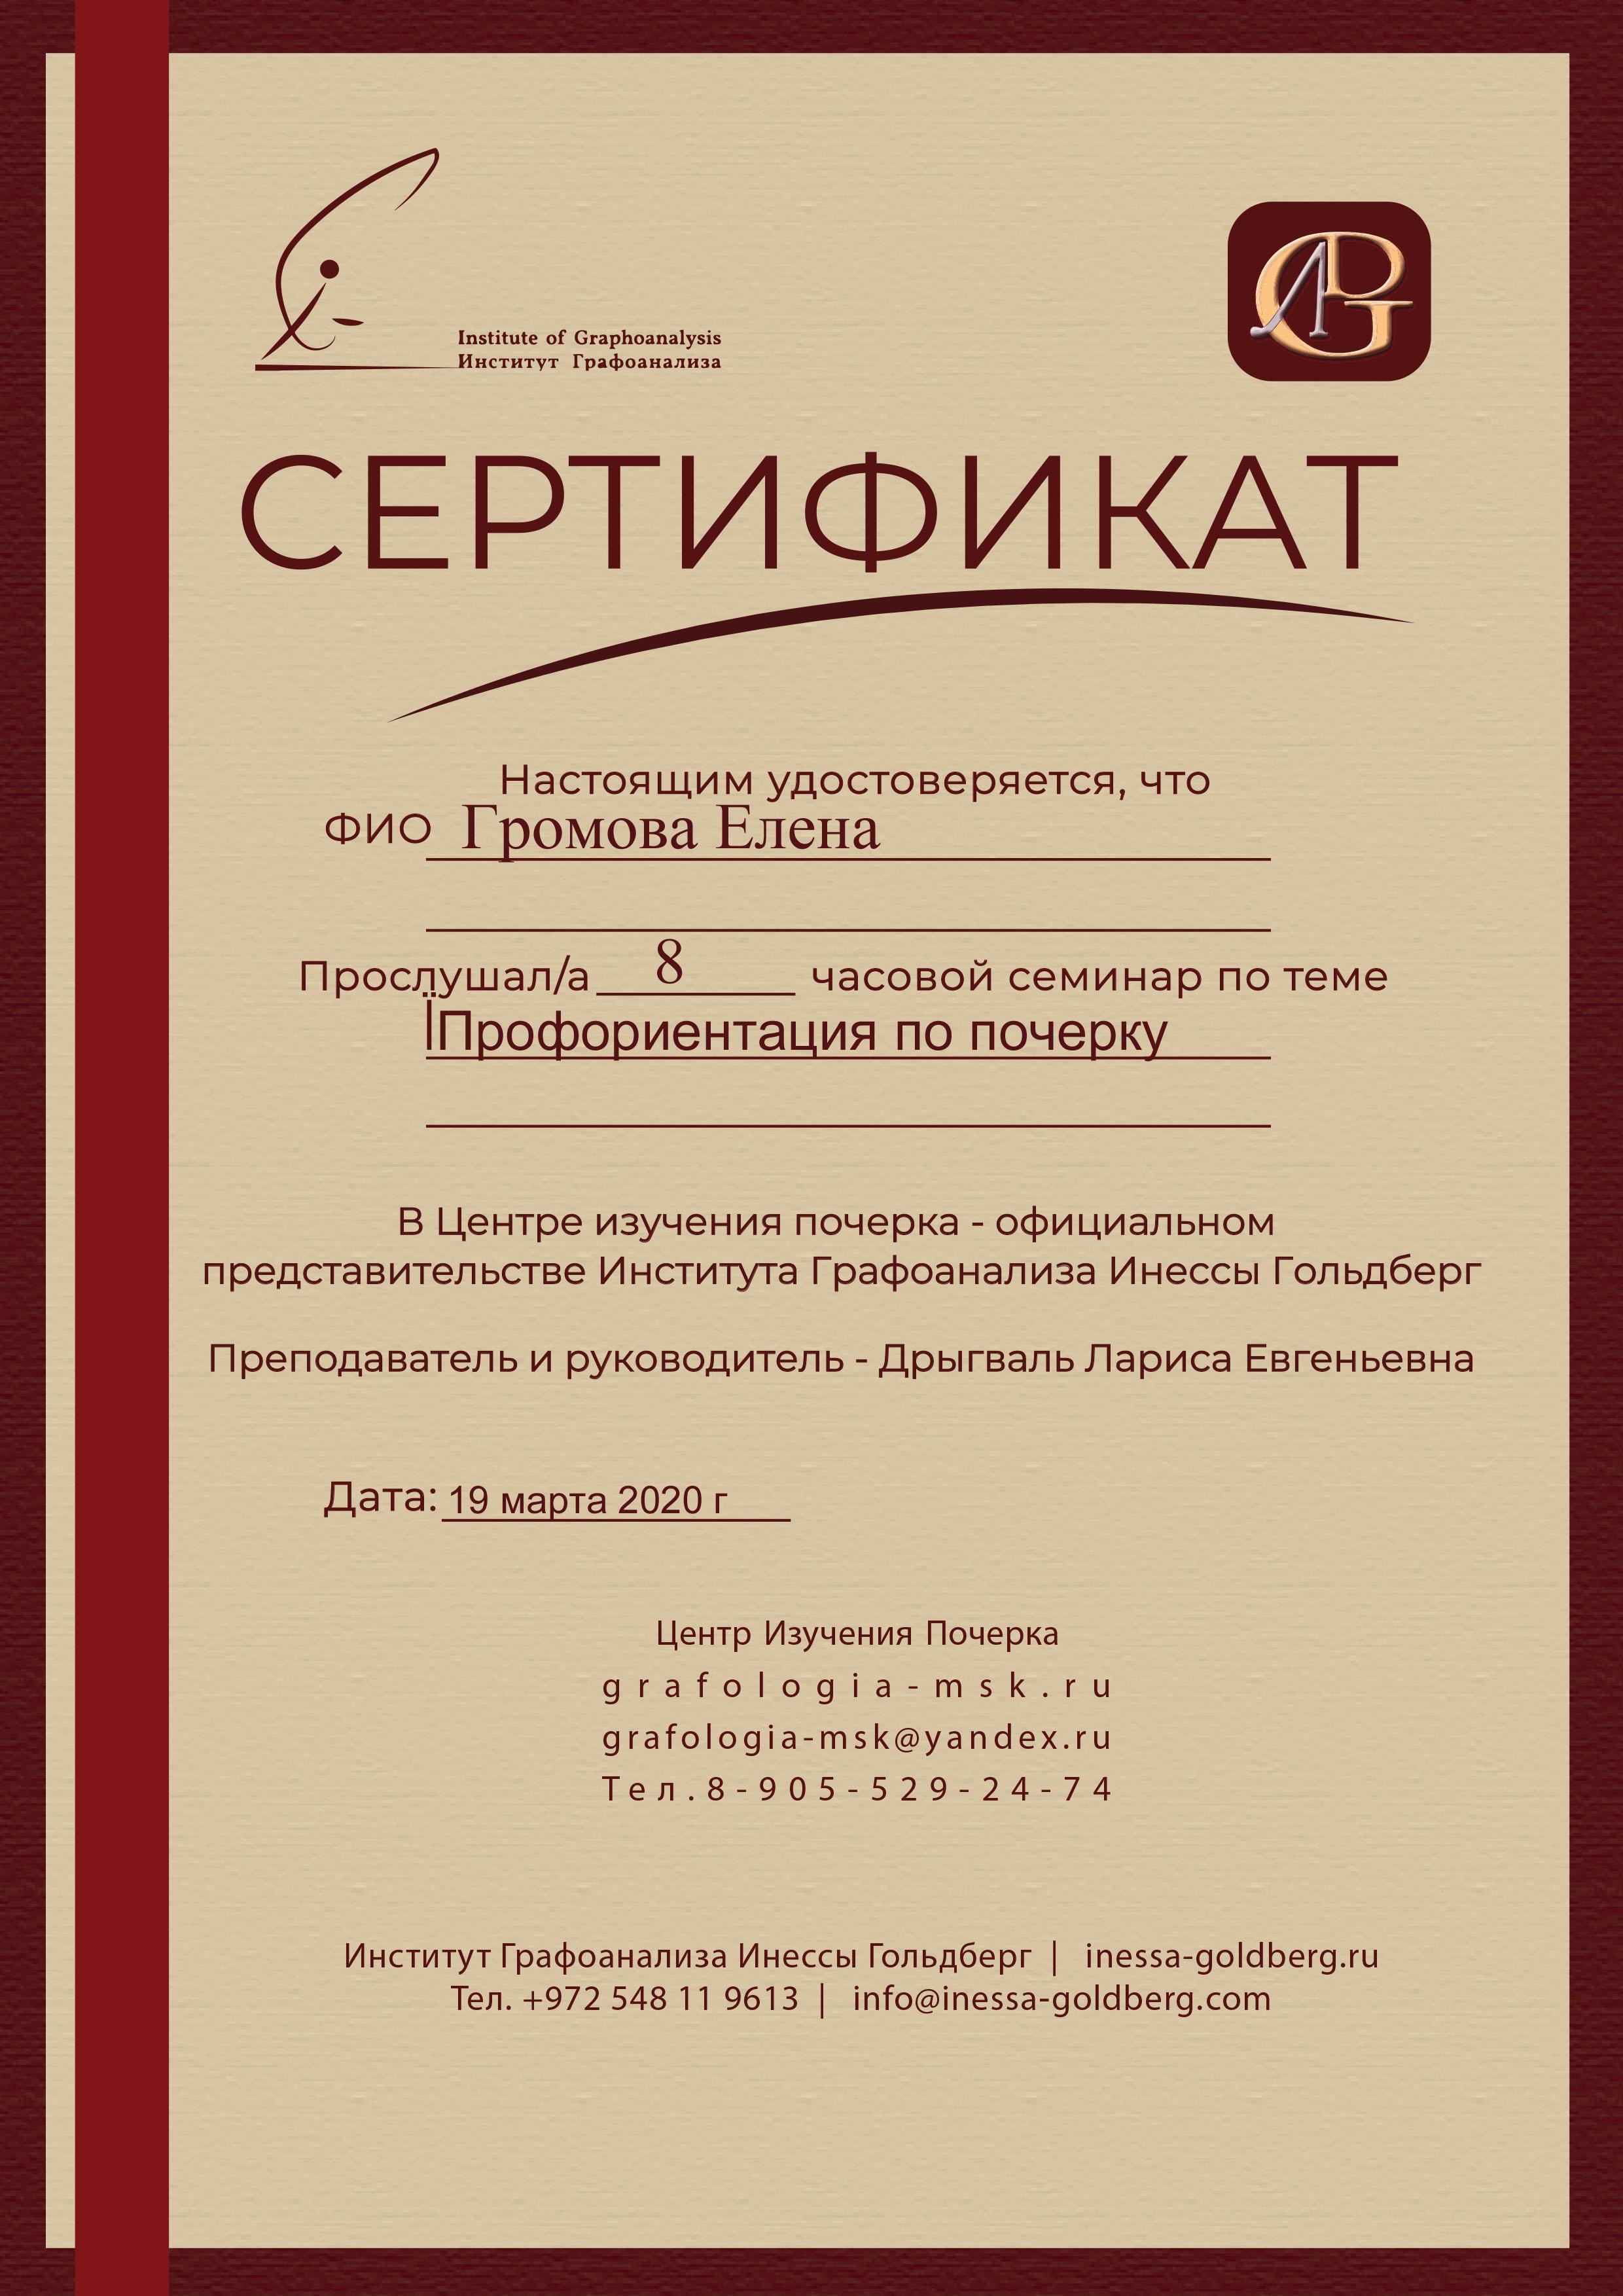 Сертификат о прохождении семинара по профориентации по почерку